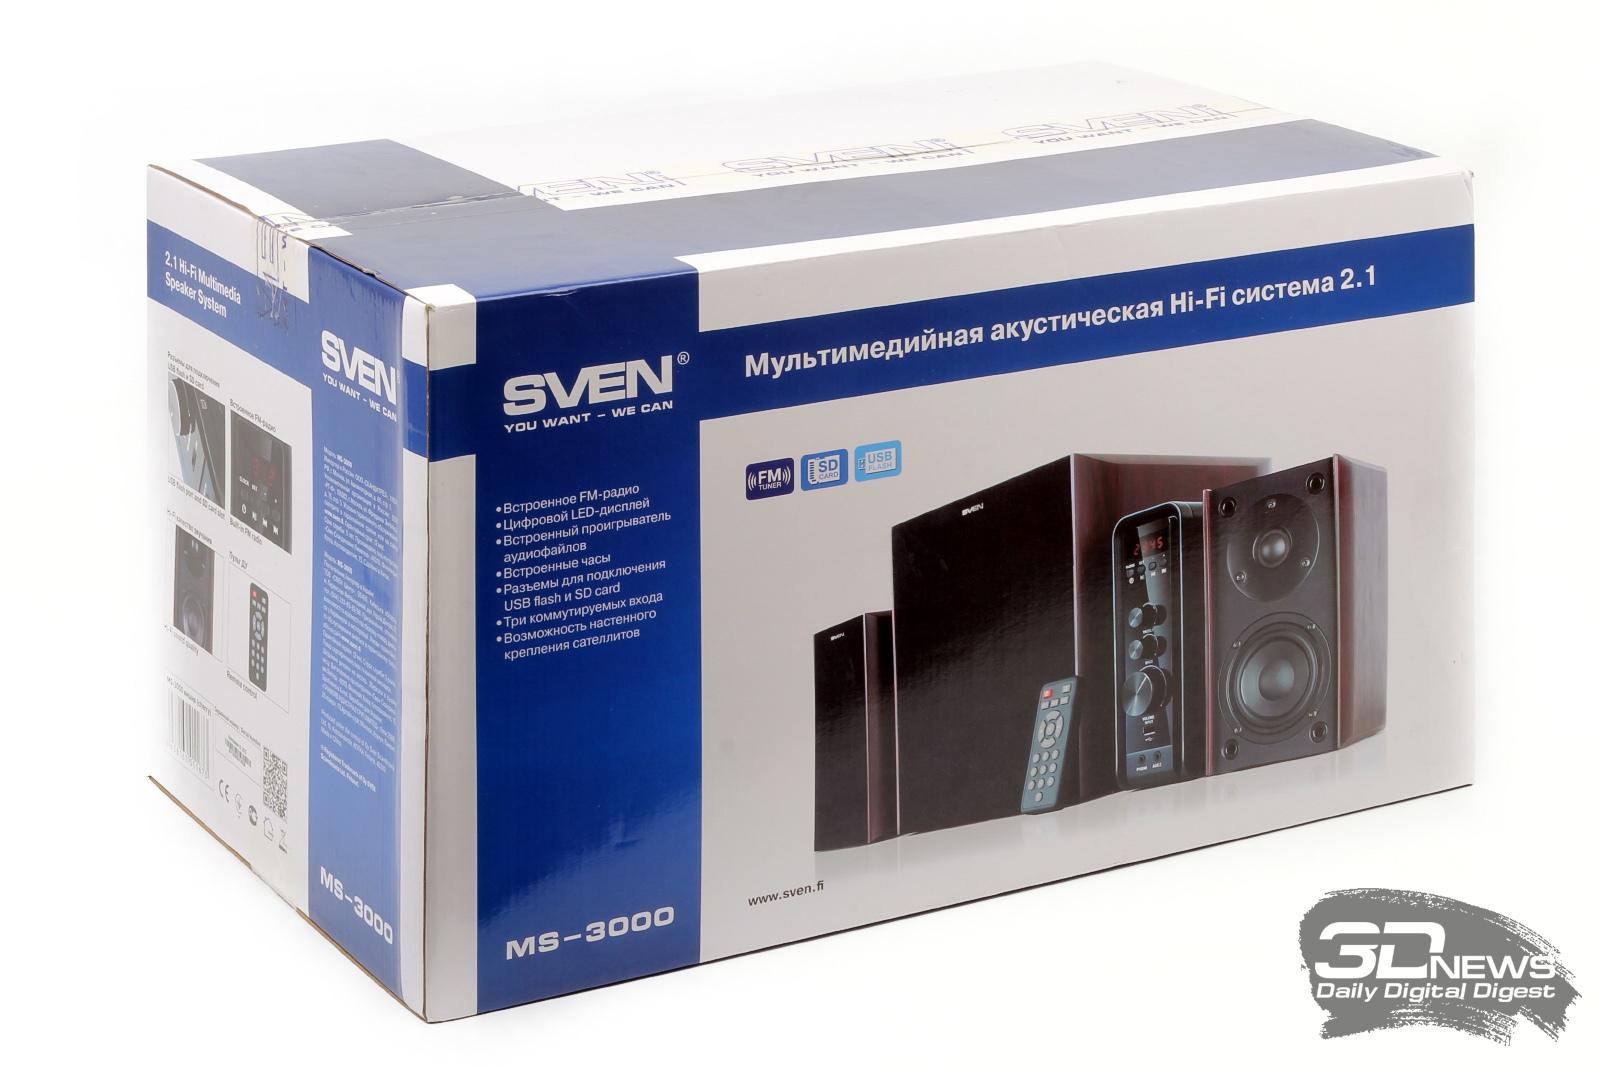 Sven MS-3000 — хороший звук в каждый дом